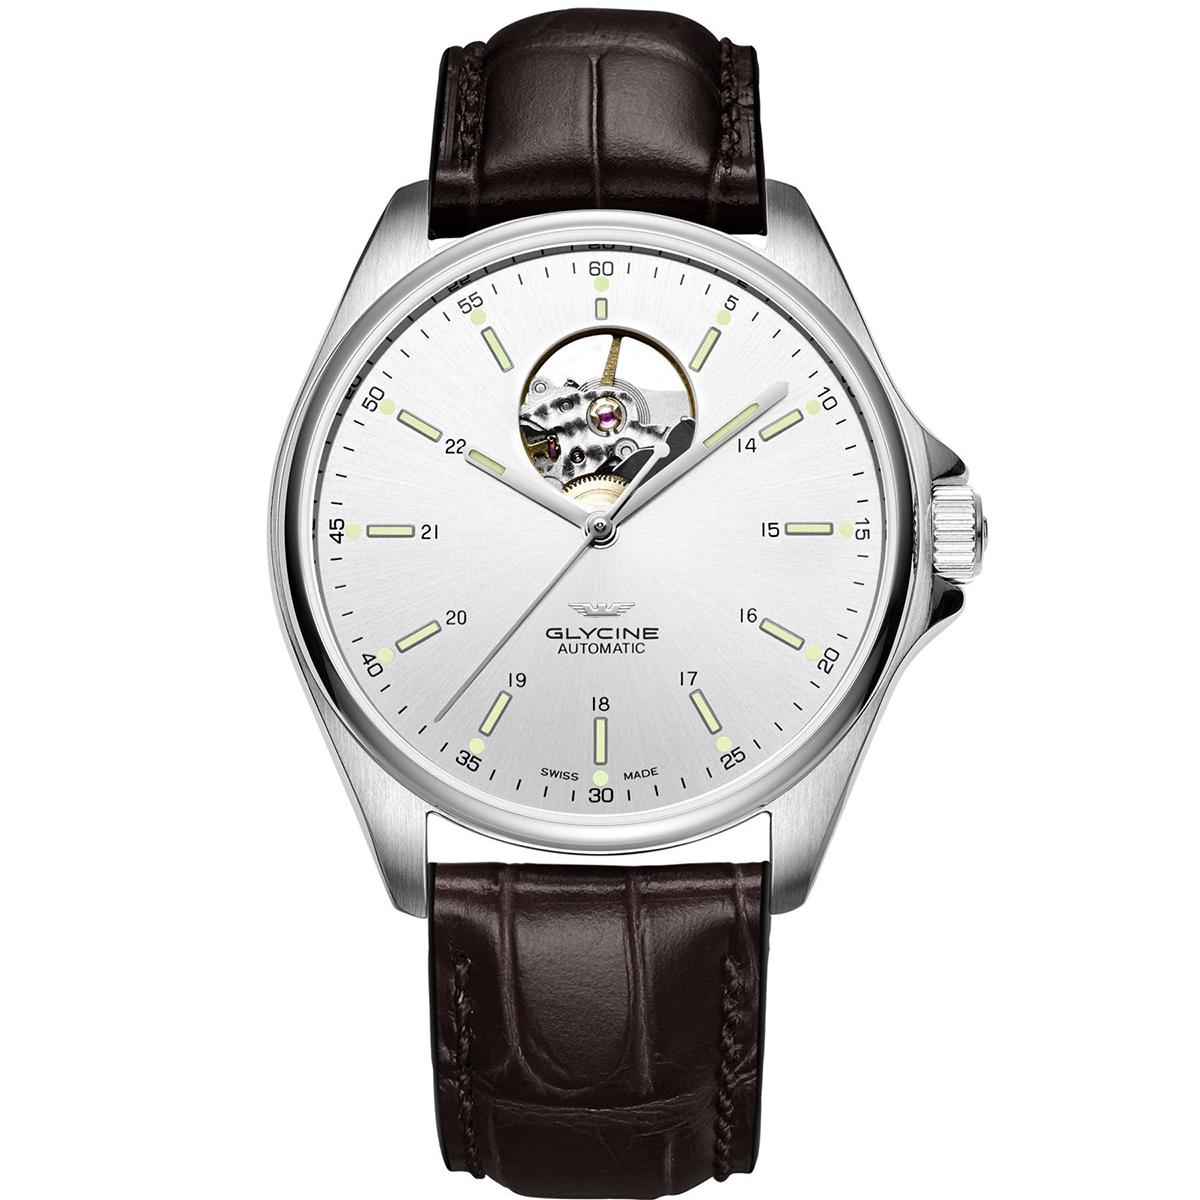 【全品送料無料】 グライシン グリシン GLYCINE コンバット クラシック オープンハート COMBAT OPEN HEART GL0120 メンズ 時計 腕時計 自動巻き オートマチック スイス製 スイスメイド パイロット